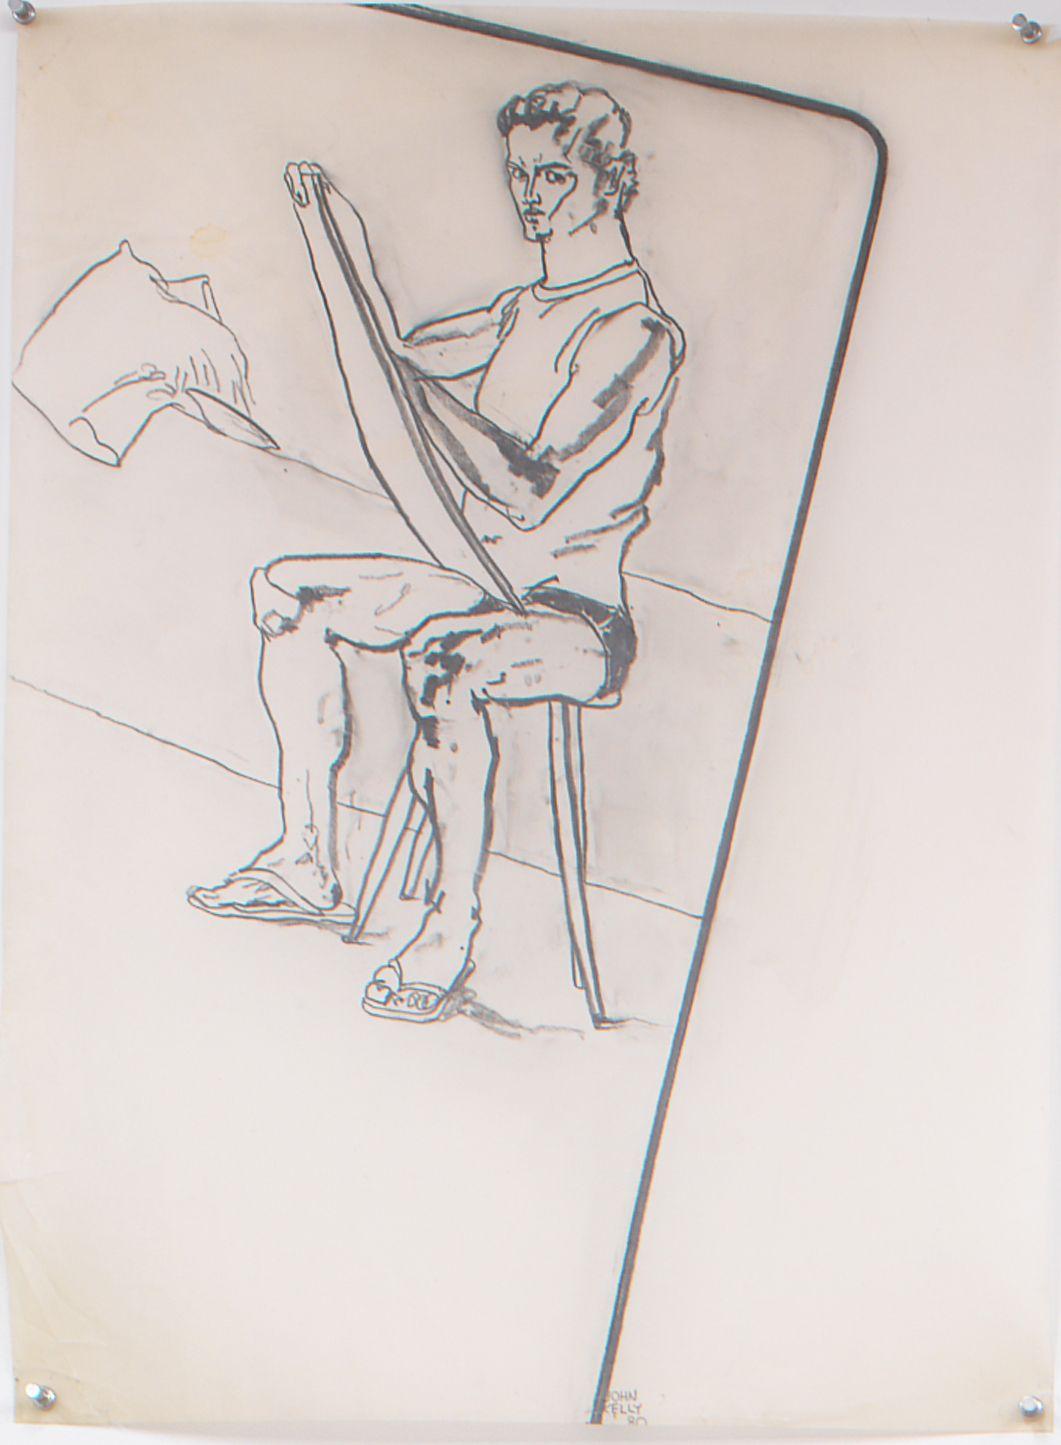 Self Portrait II, 1980, Graphite on paper